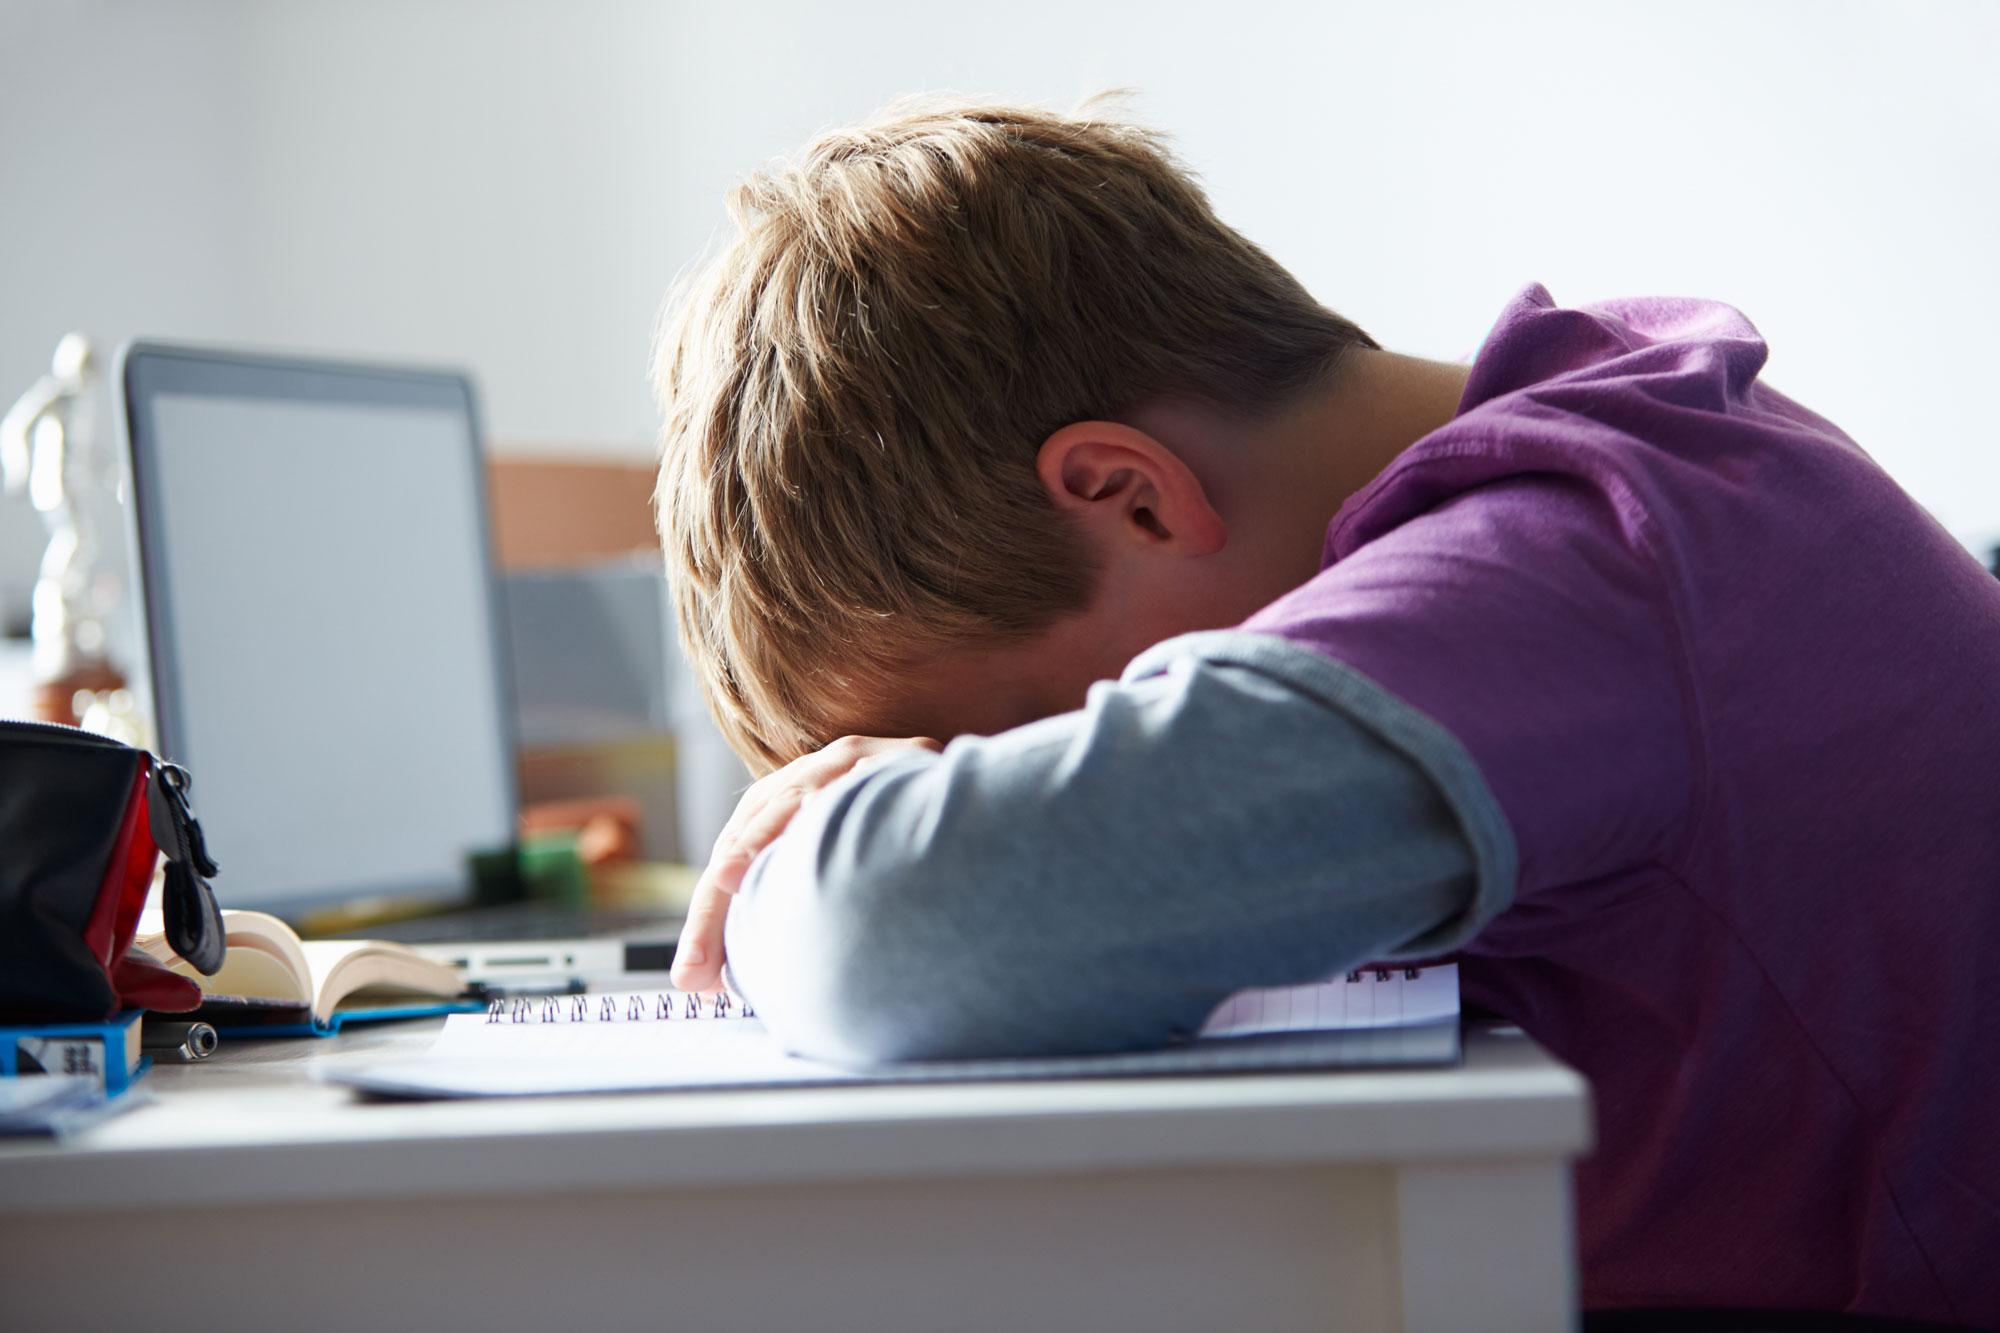 Conseils pour Aider vos Enfants en cas de Harcèlement à L'école